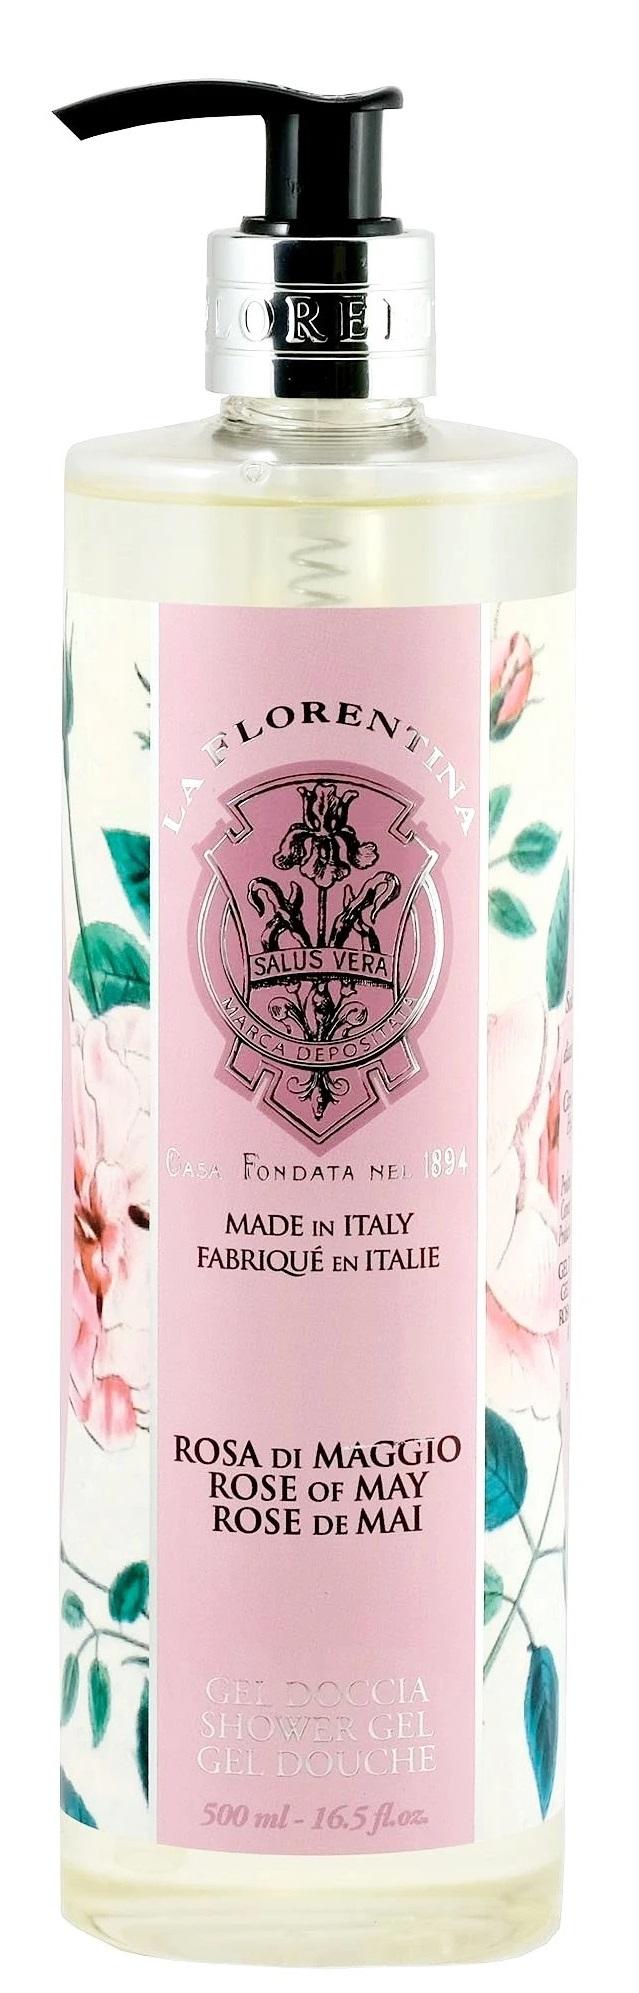 LA FLORENTINA Гель для душа, майская роза / Rose of May 500 мл